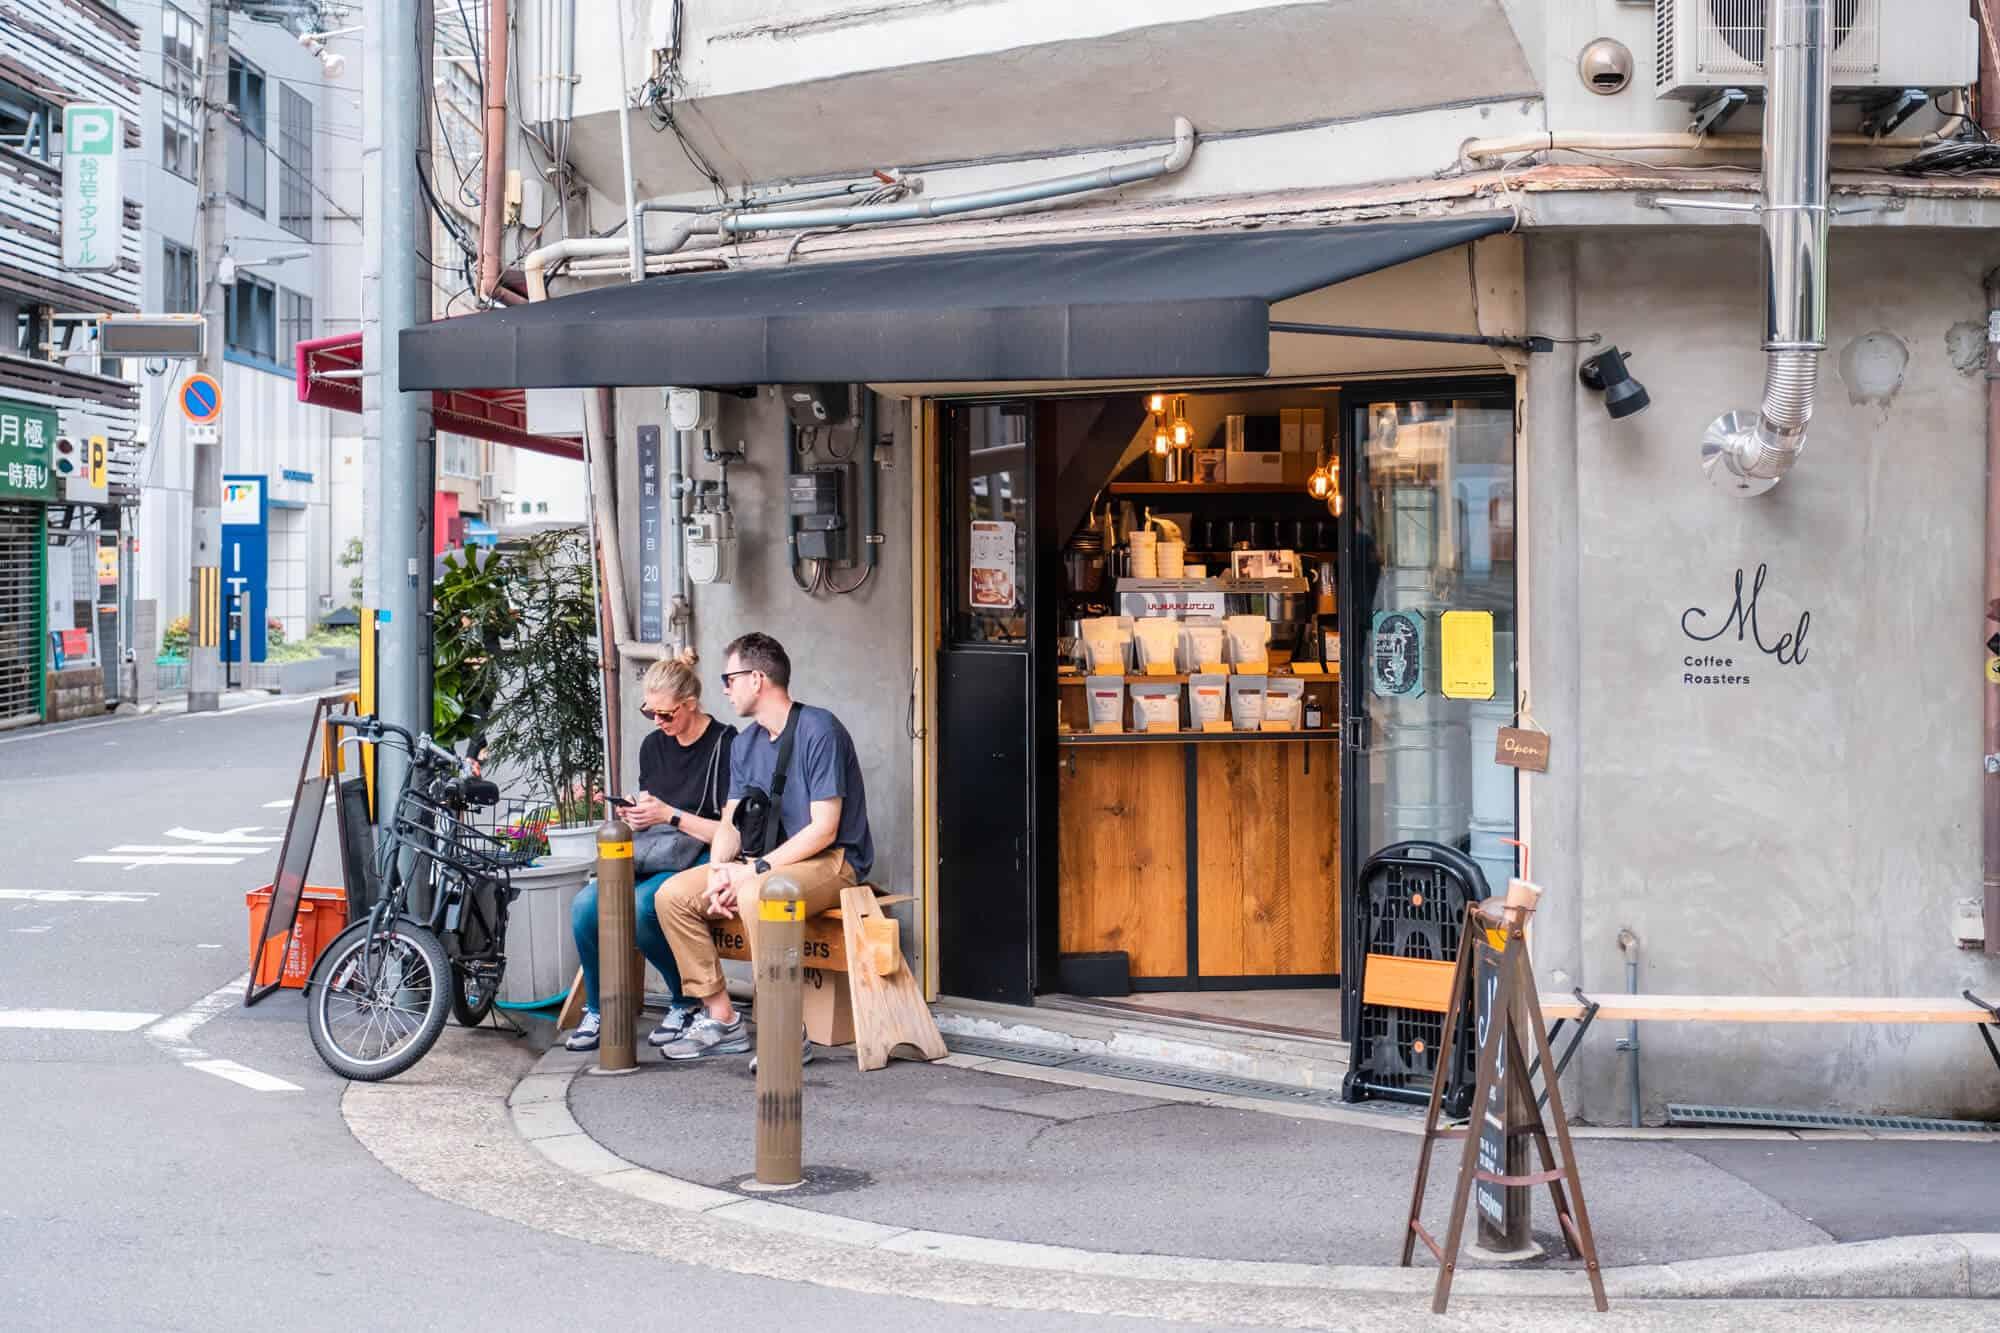 ร้านกาแฟ คาเฟ่ ใน โอซาก้า - Mel Coffee Roasters